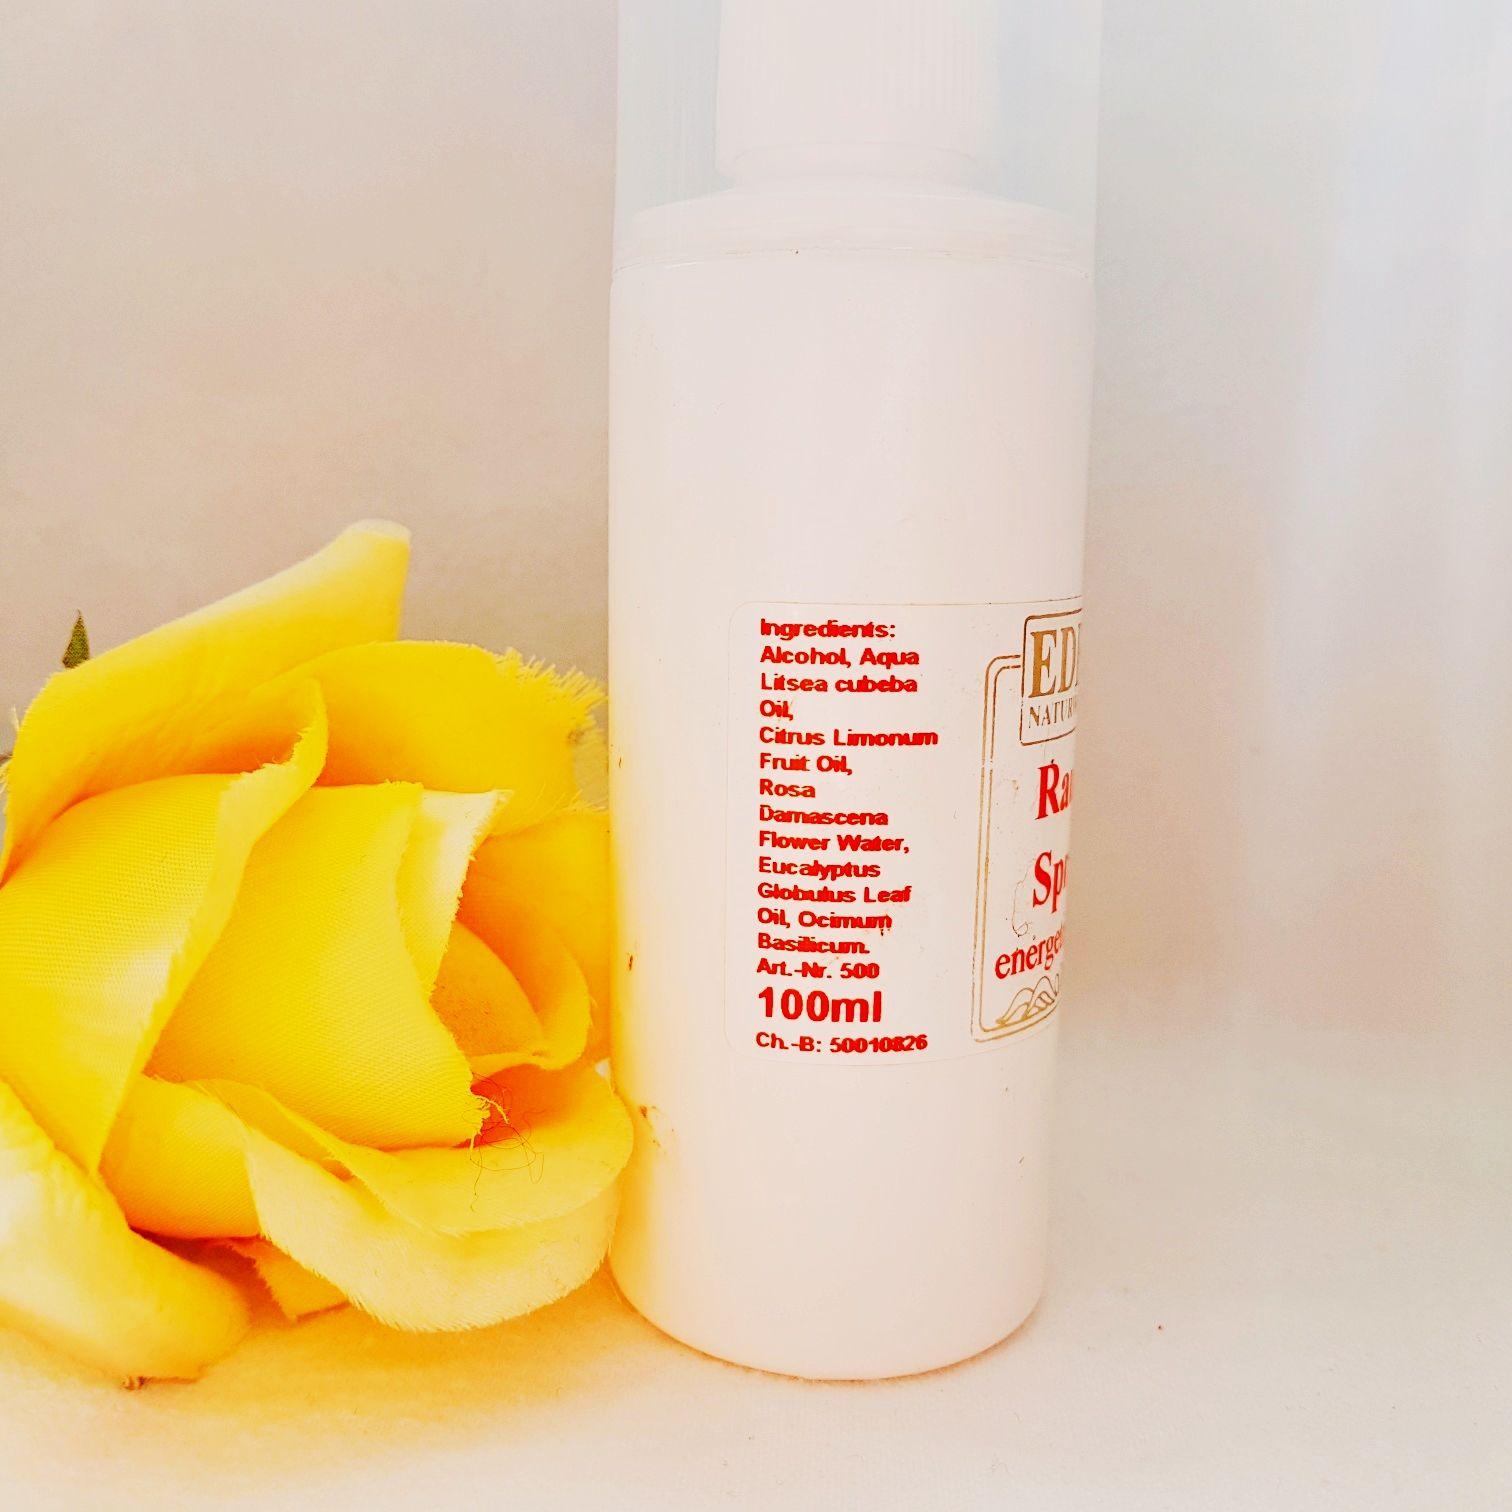 Produkttest Raumspray - Morgenfrische von Edel Naturwaren